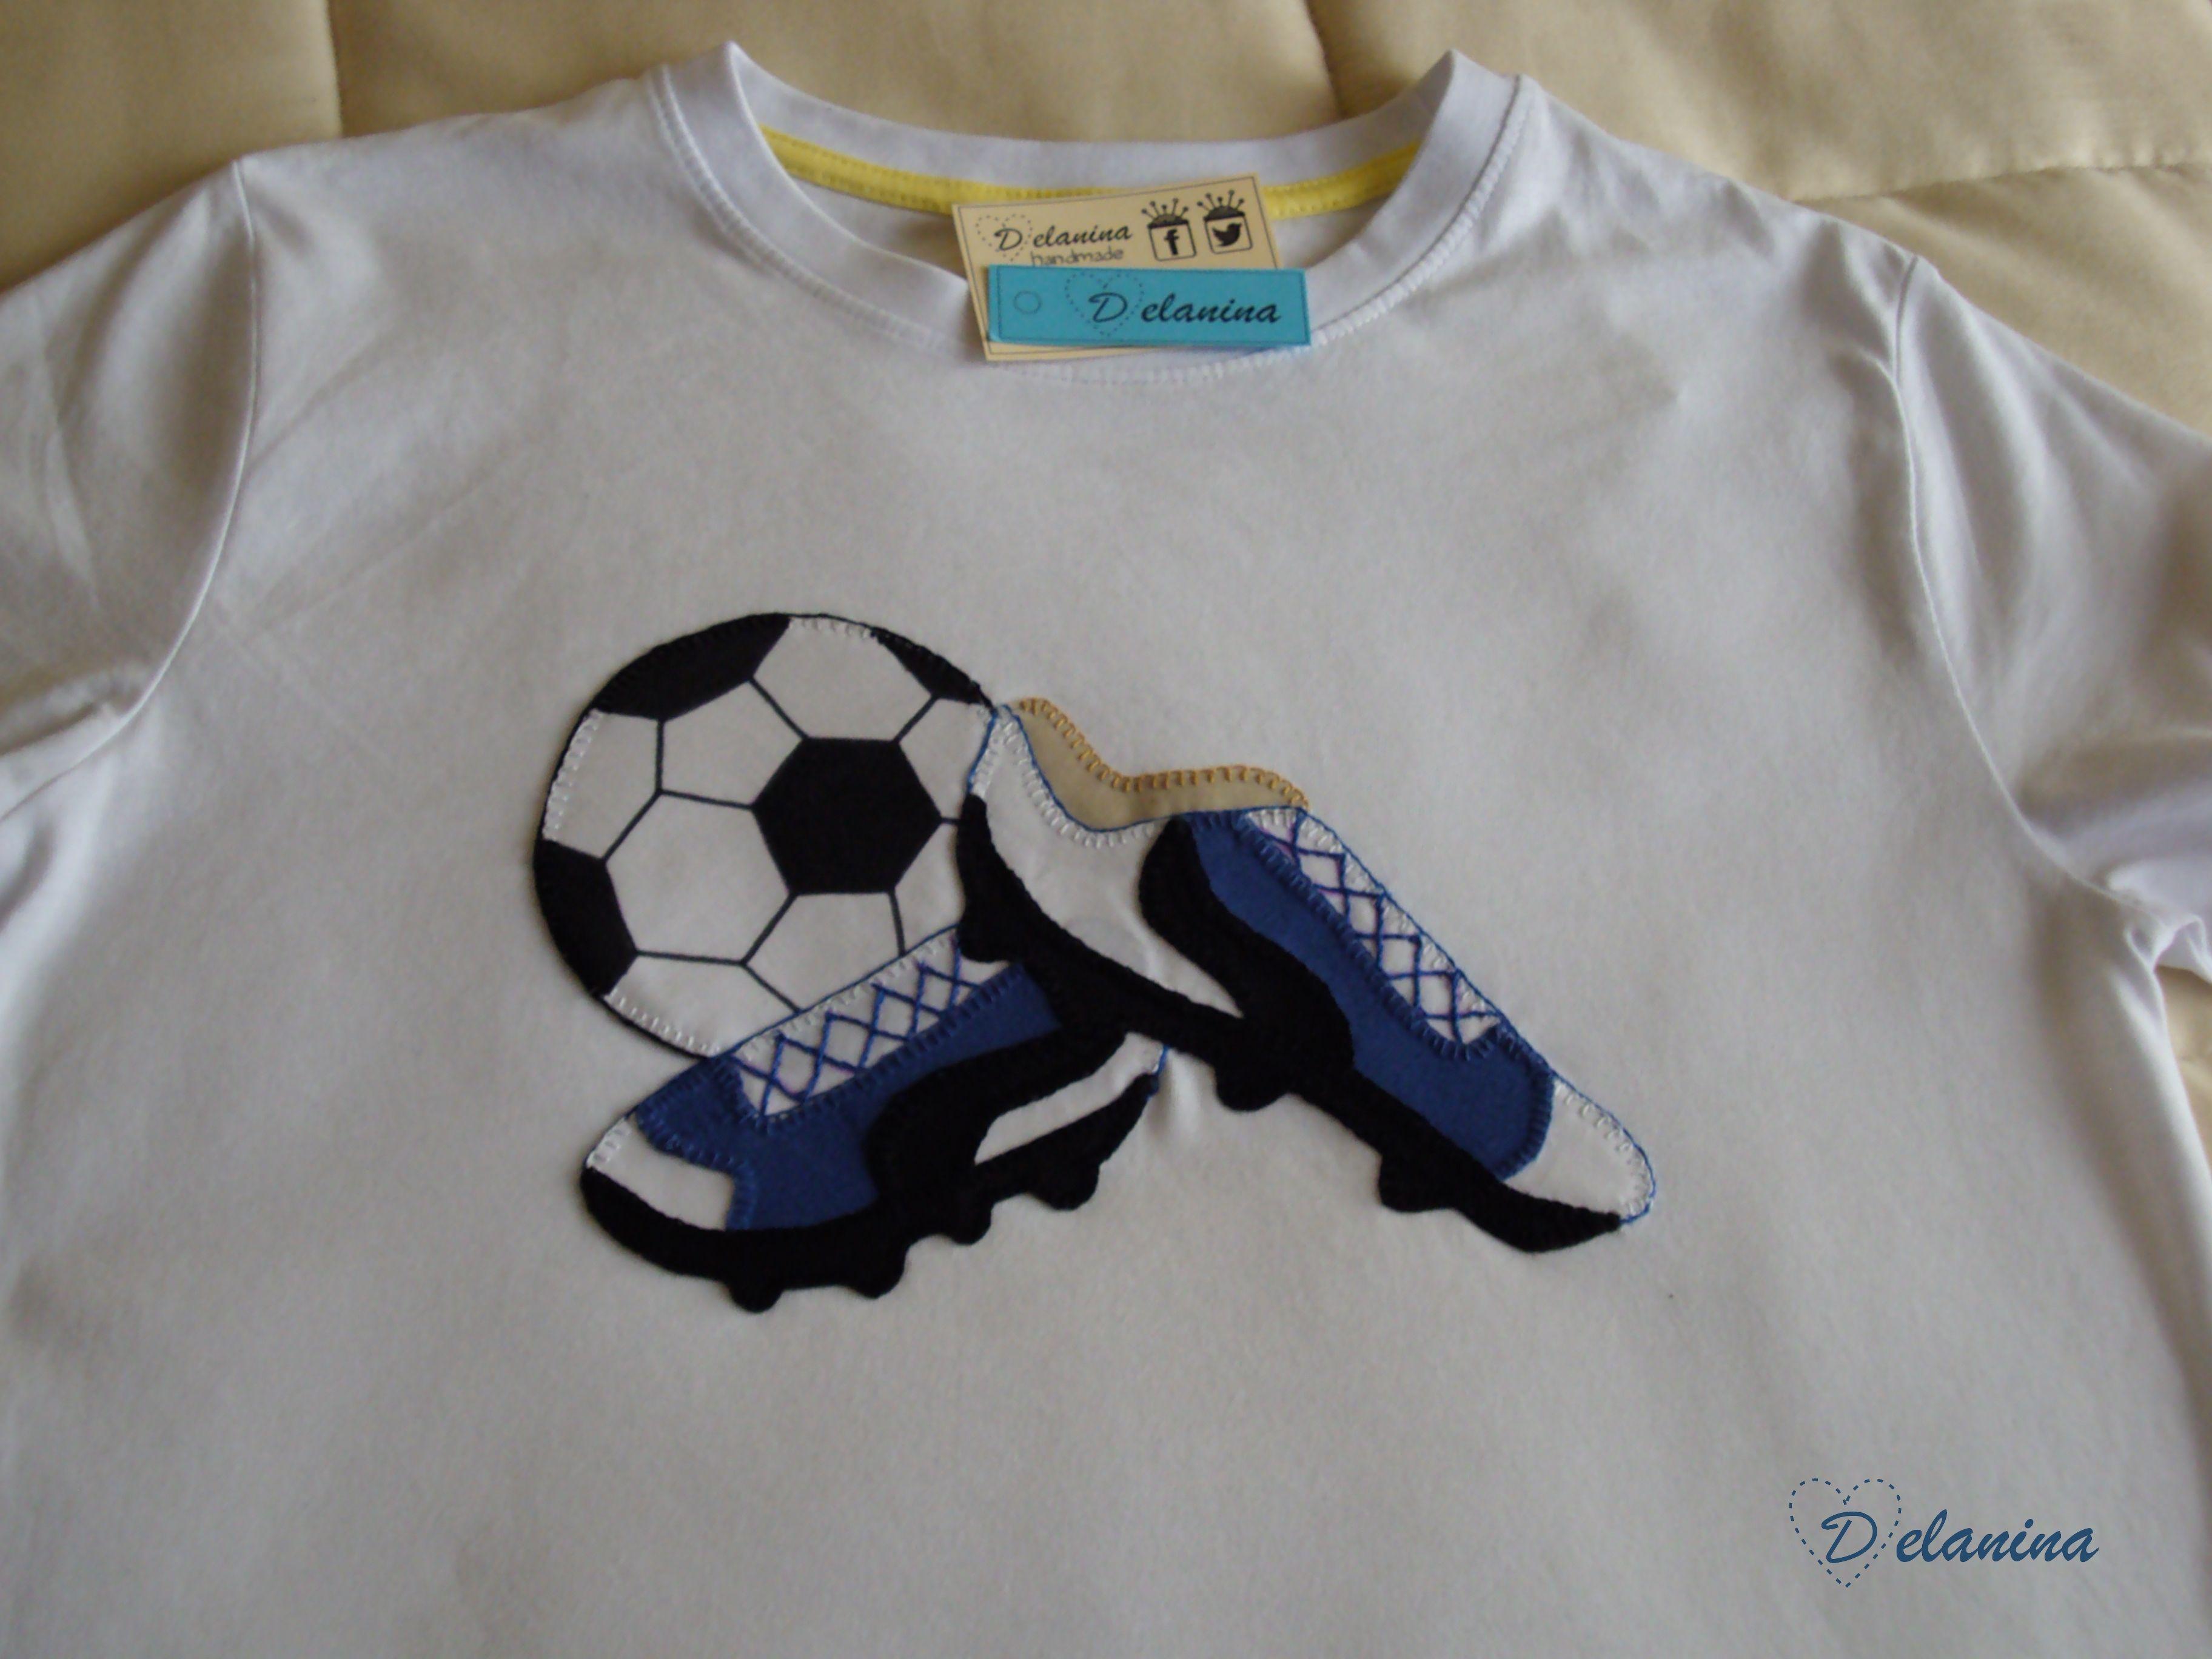 4b28fe221790f Camiseta botas de fútbol patchwork Camiseta realizada con aplicaciones en  tela tipo patchwork.